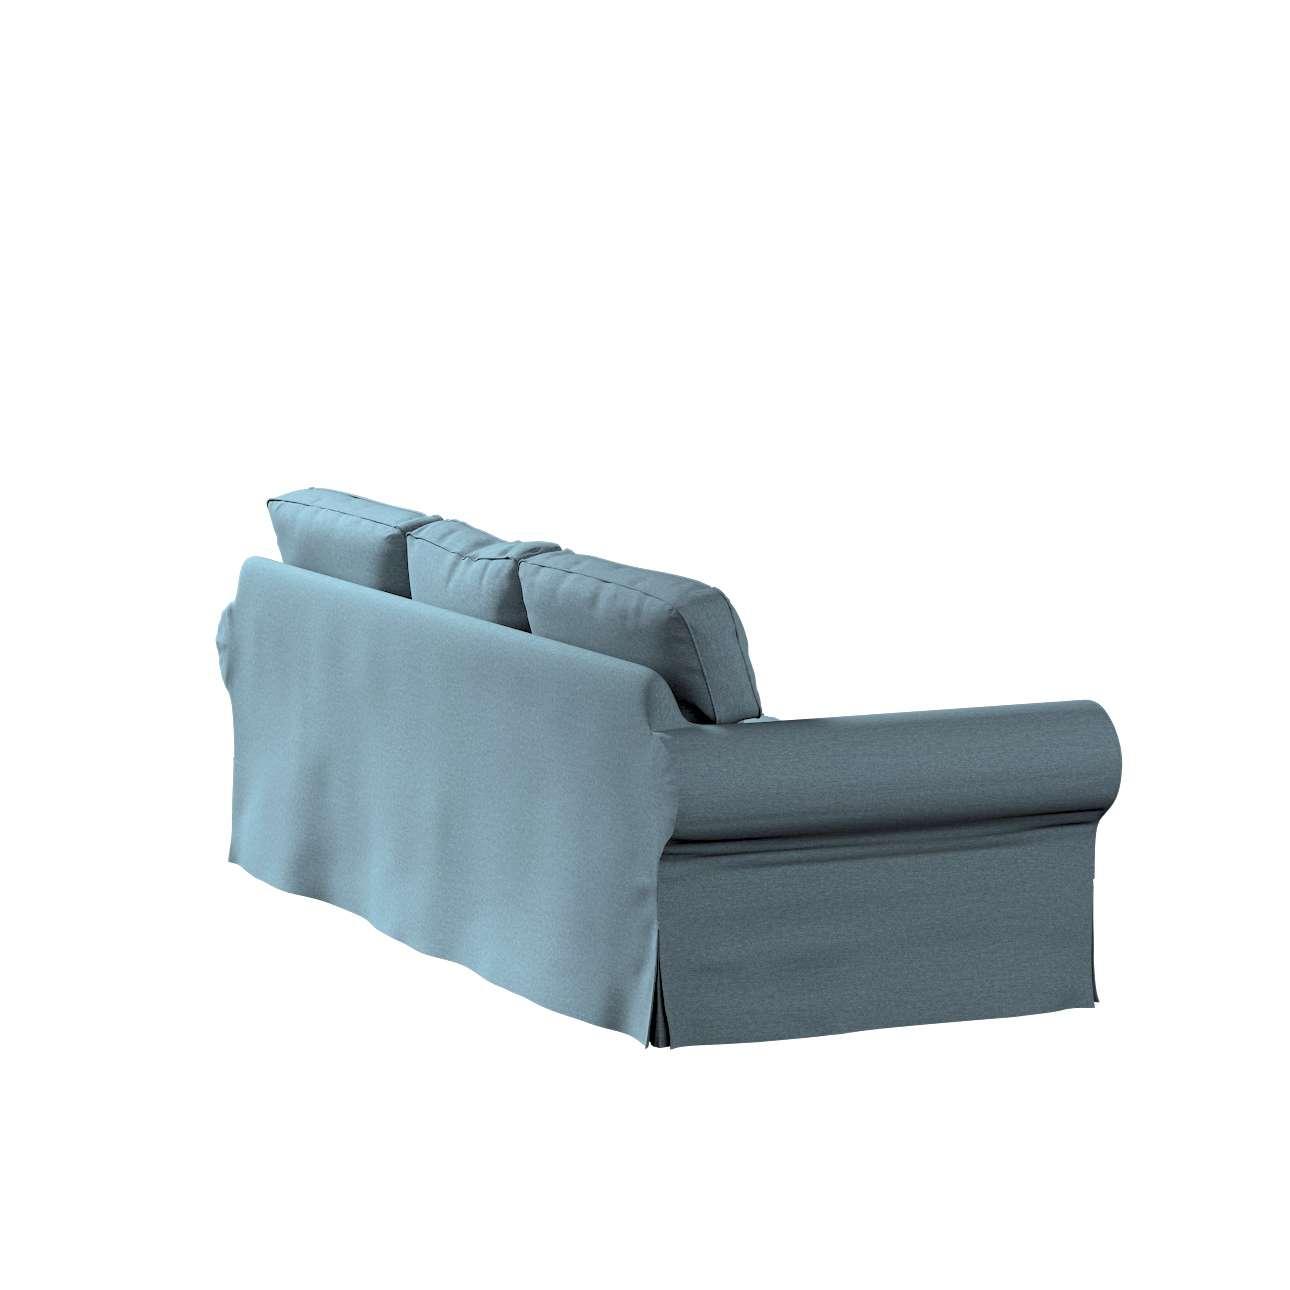 Pokrowiec na sofę Ektorp 3-osobową, rozkładaną w kolekcji Madrid, tkanina: 161-90